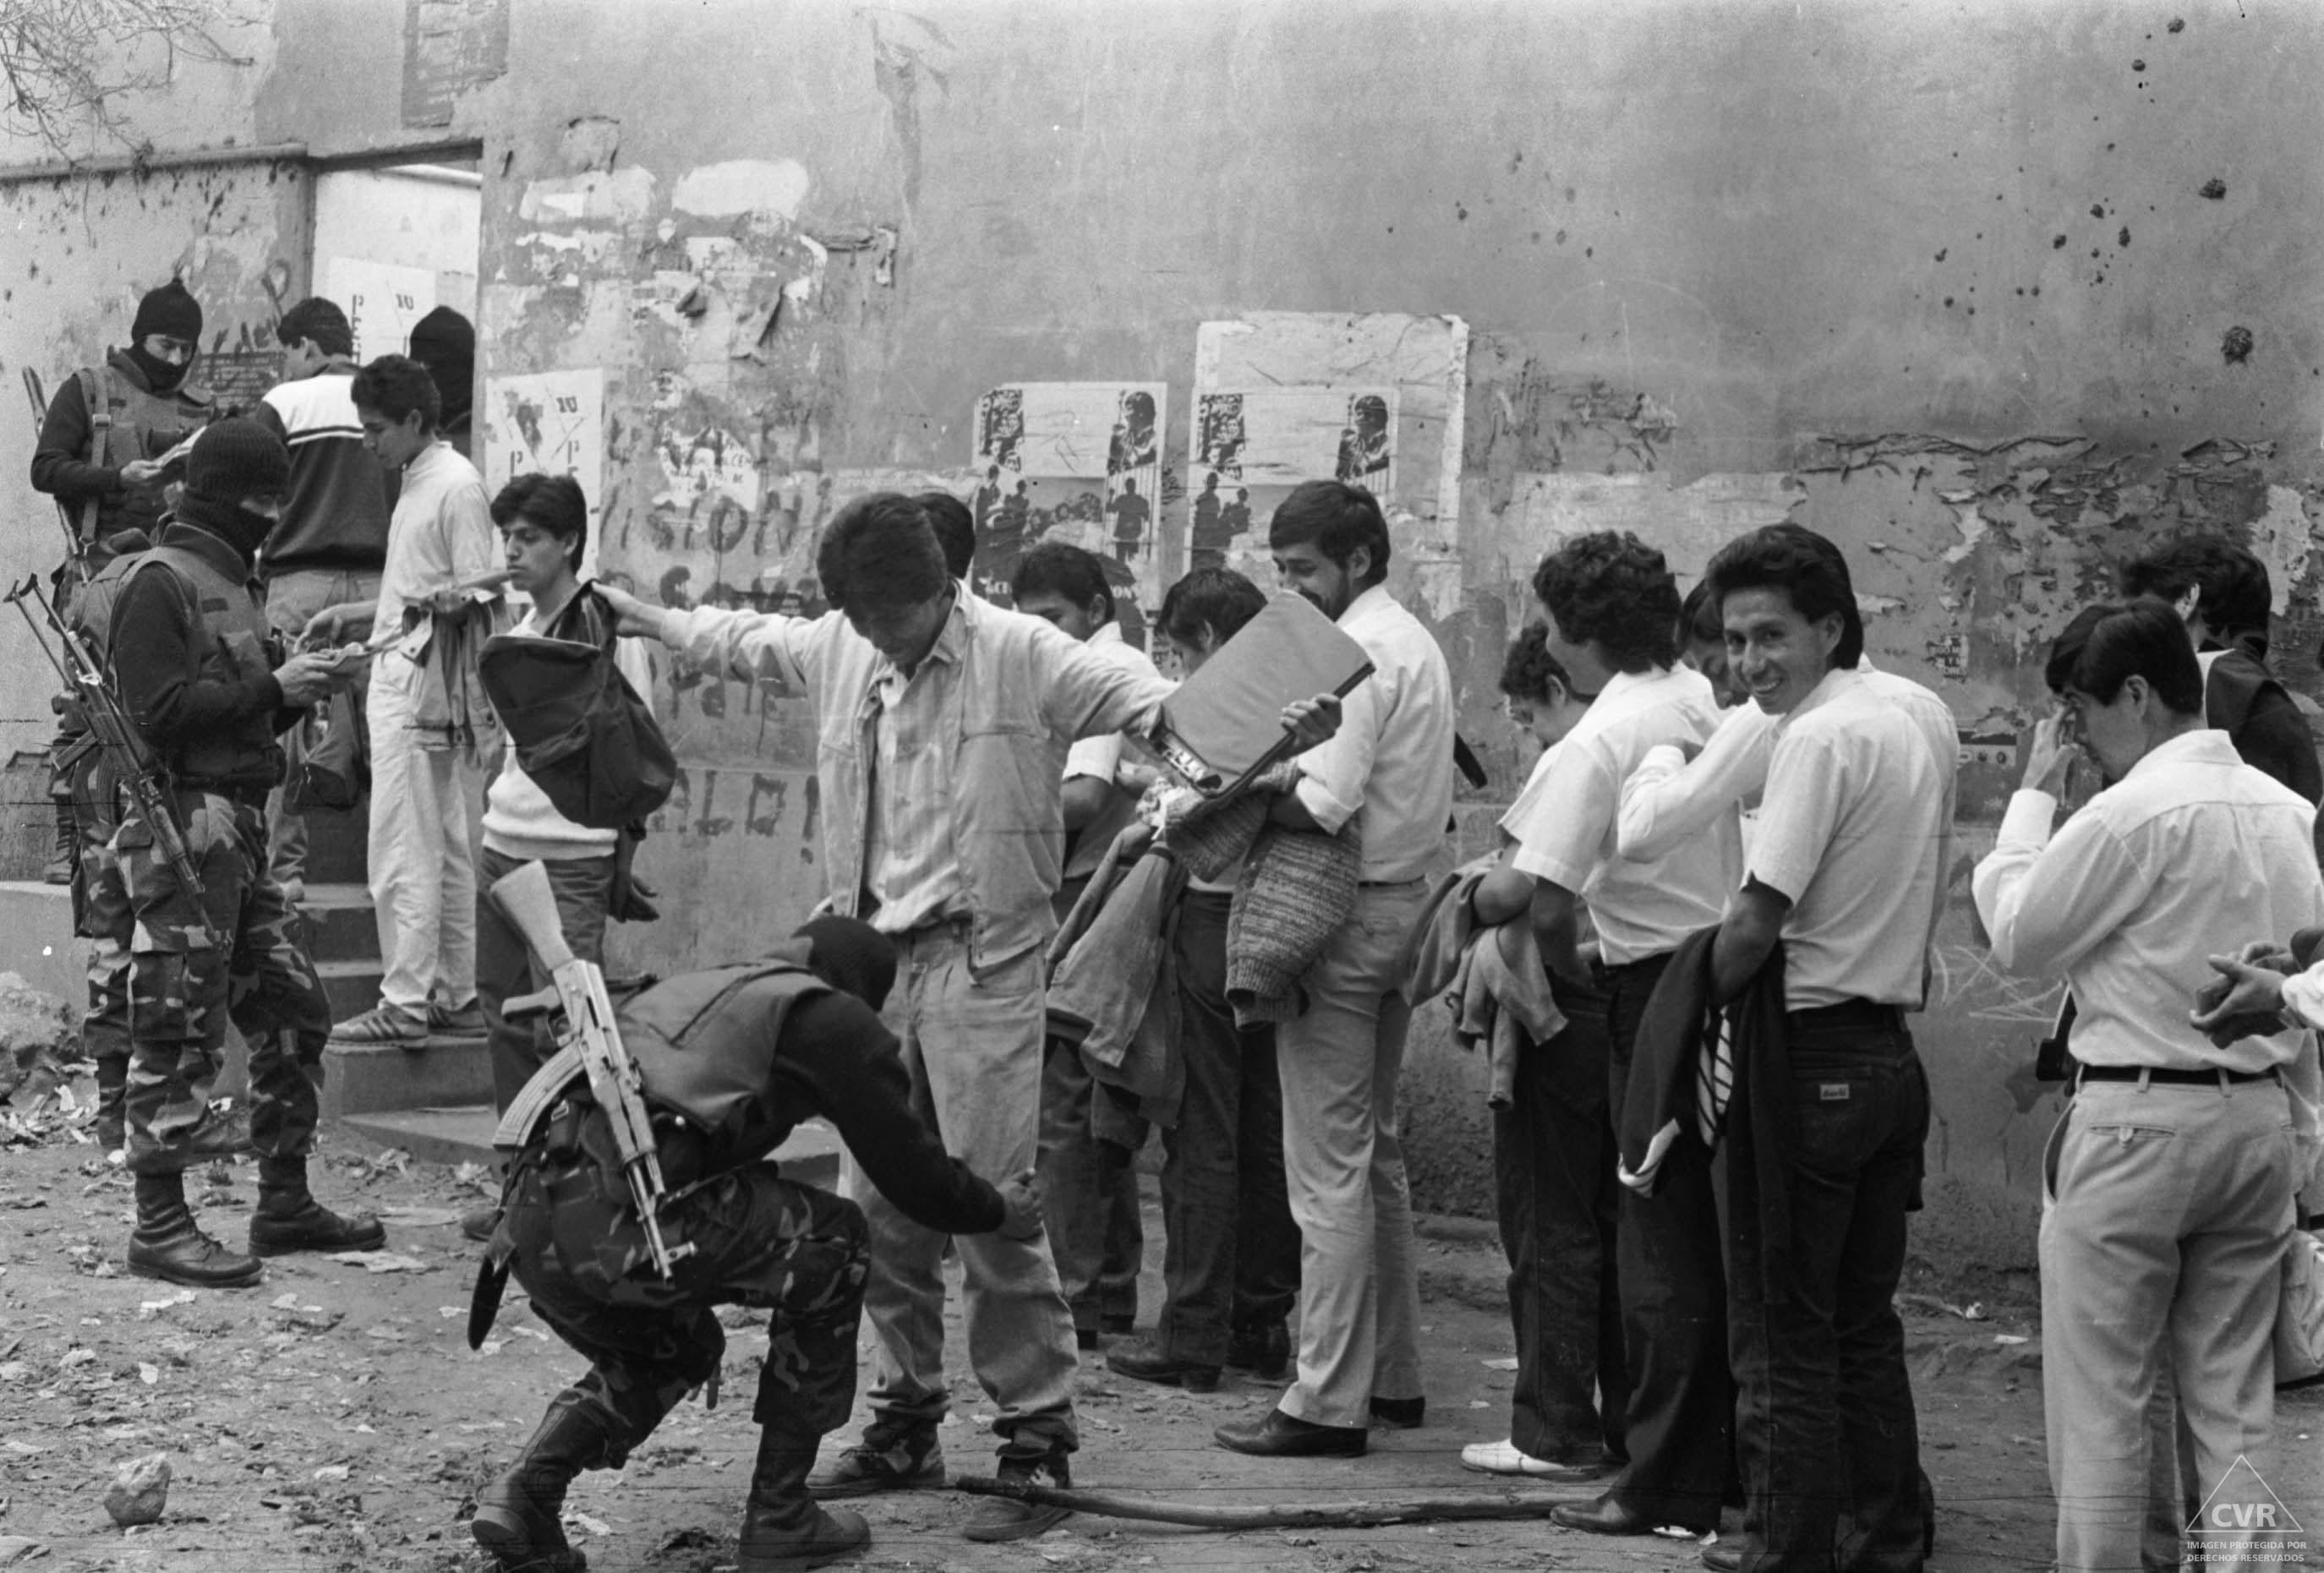 Diario El Peruano, 8 de noviembre de 1989. Intervención policial. Fotógrafo: Molero.